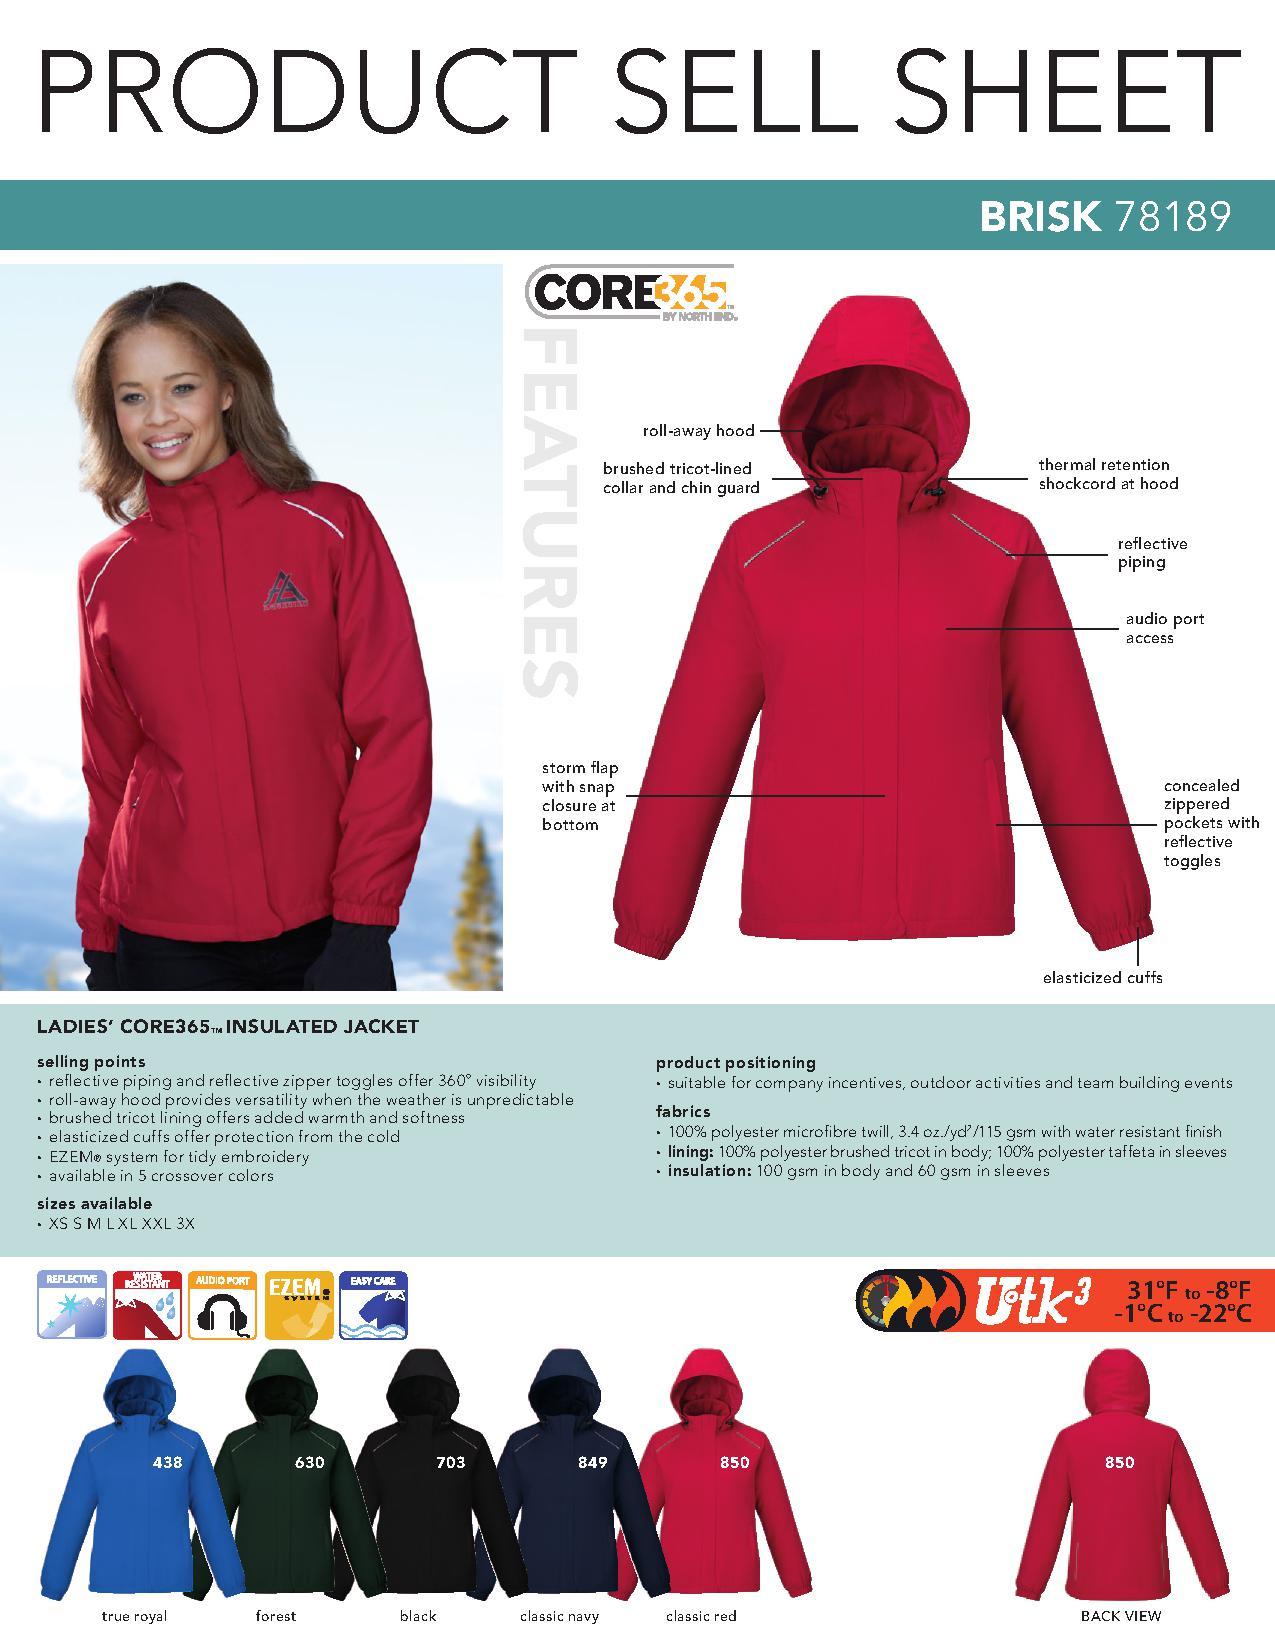 03c2cc7de8a Ash City Core365 78189 - Brisk Core365 Ladies' Insulated Jacket